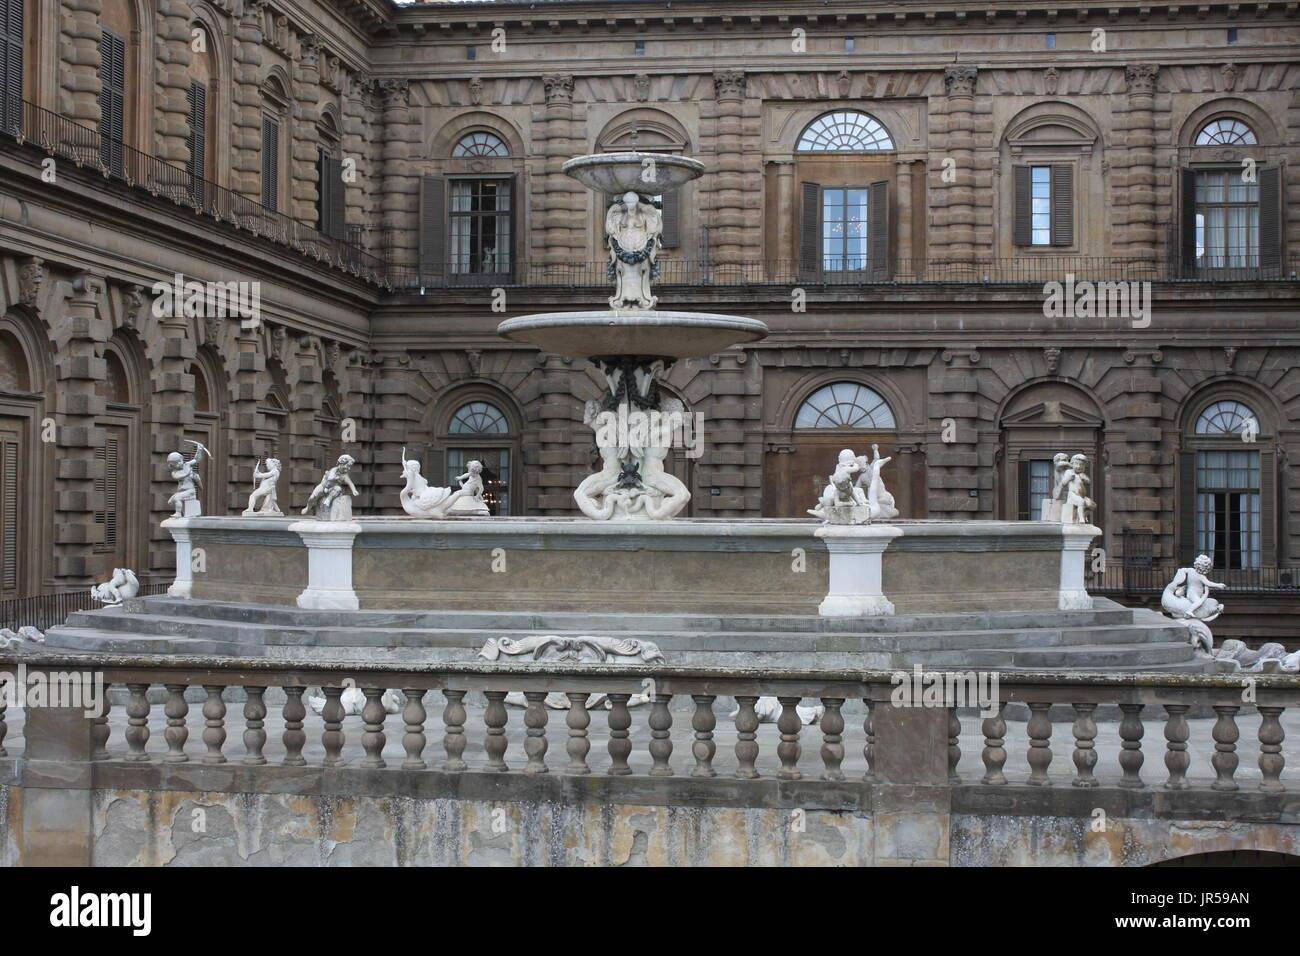 Fountain In Italian Garden Ornamental Stock Photos